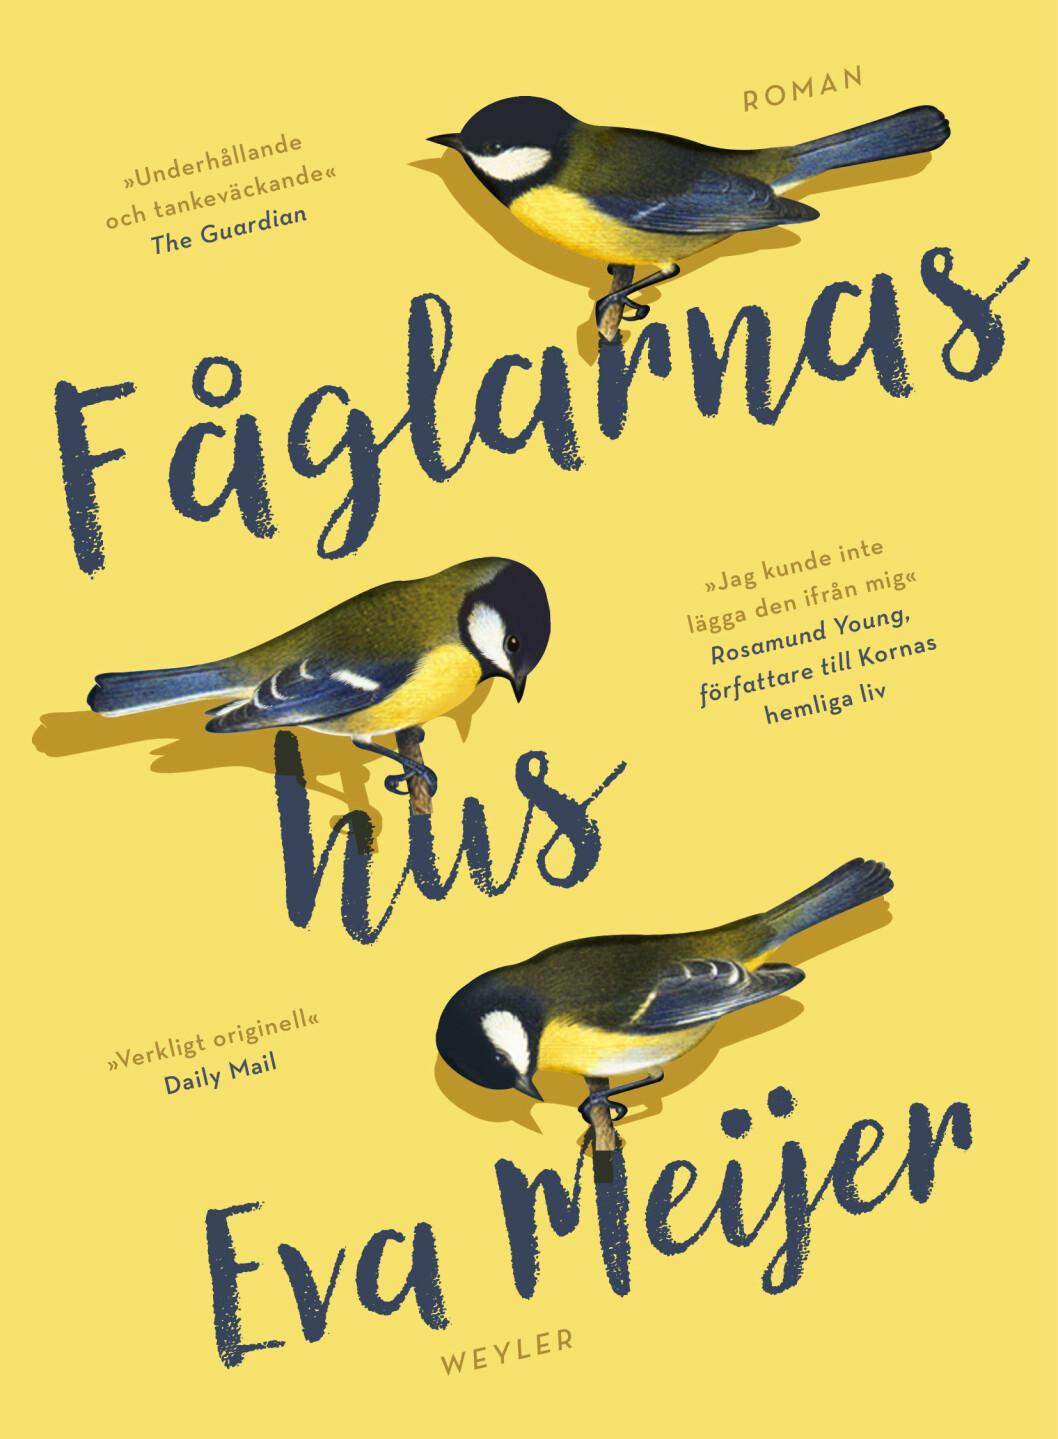 Fåglarnas hus, Eva Meijer (Weyler)